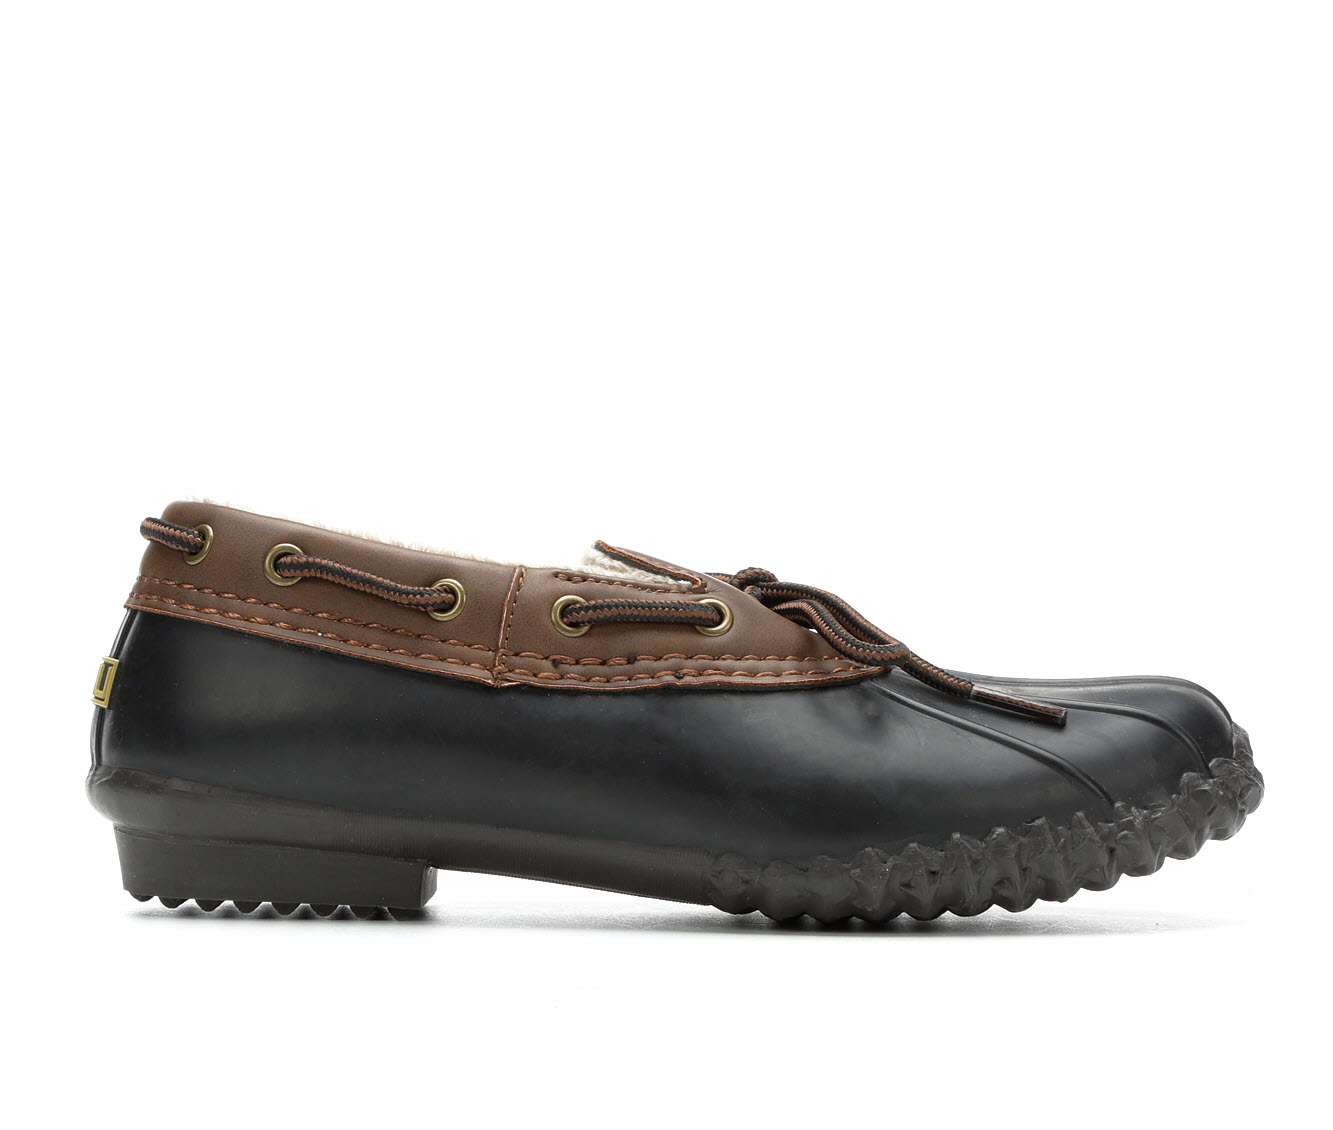 JBU by Jambu Gwen Women's Shoe (Black Faux Leather)